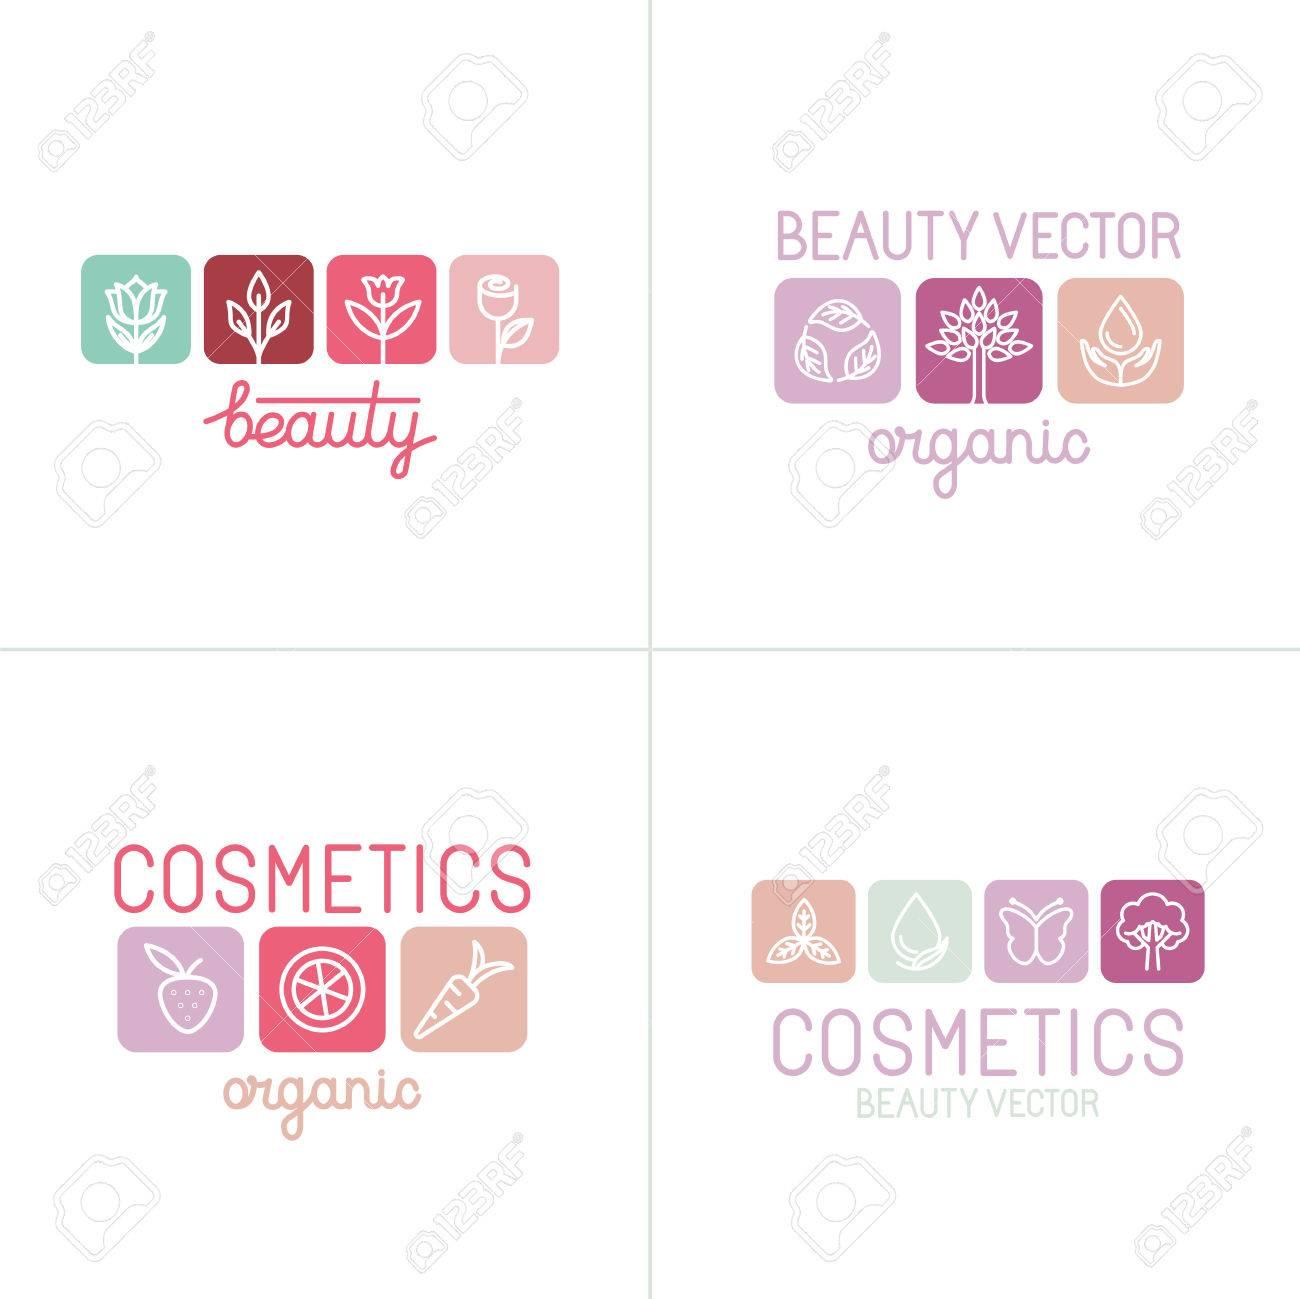 Vector Conjunto De Iconos Y Plantillas De Diseño De Logotipo Para La ...